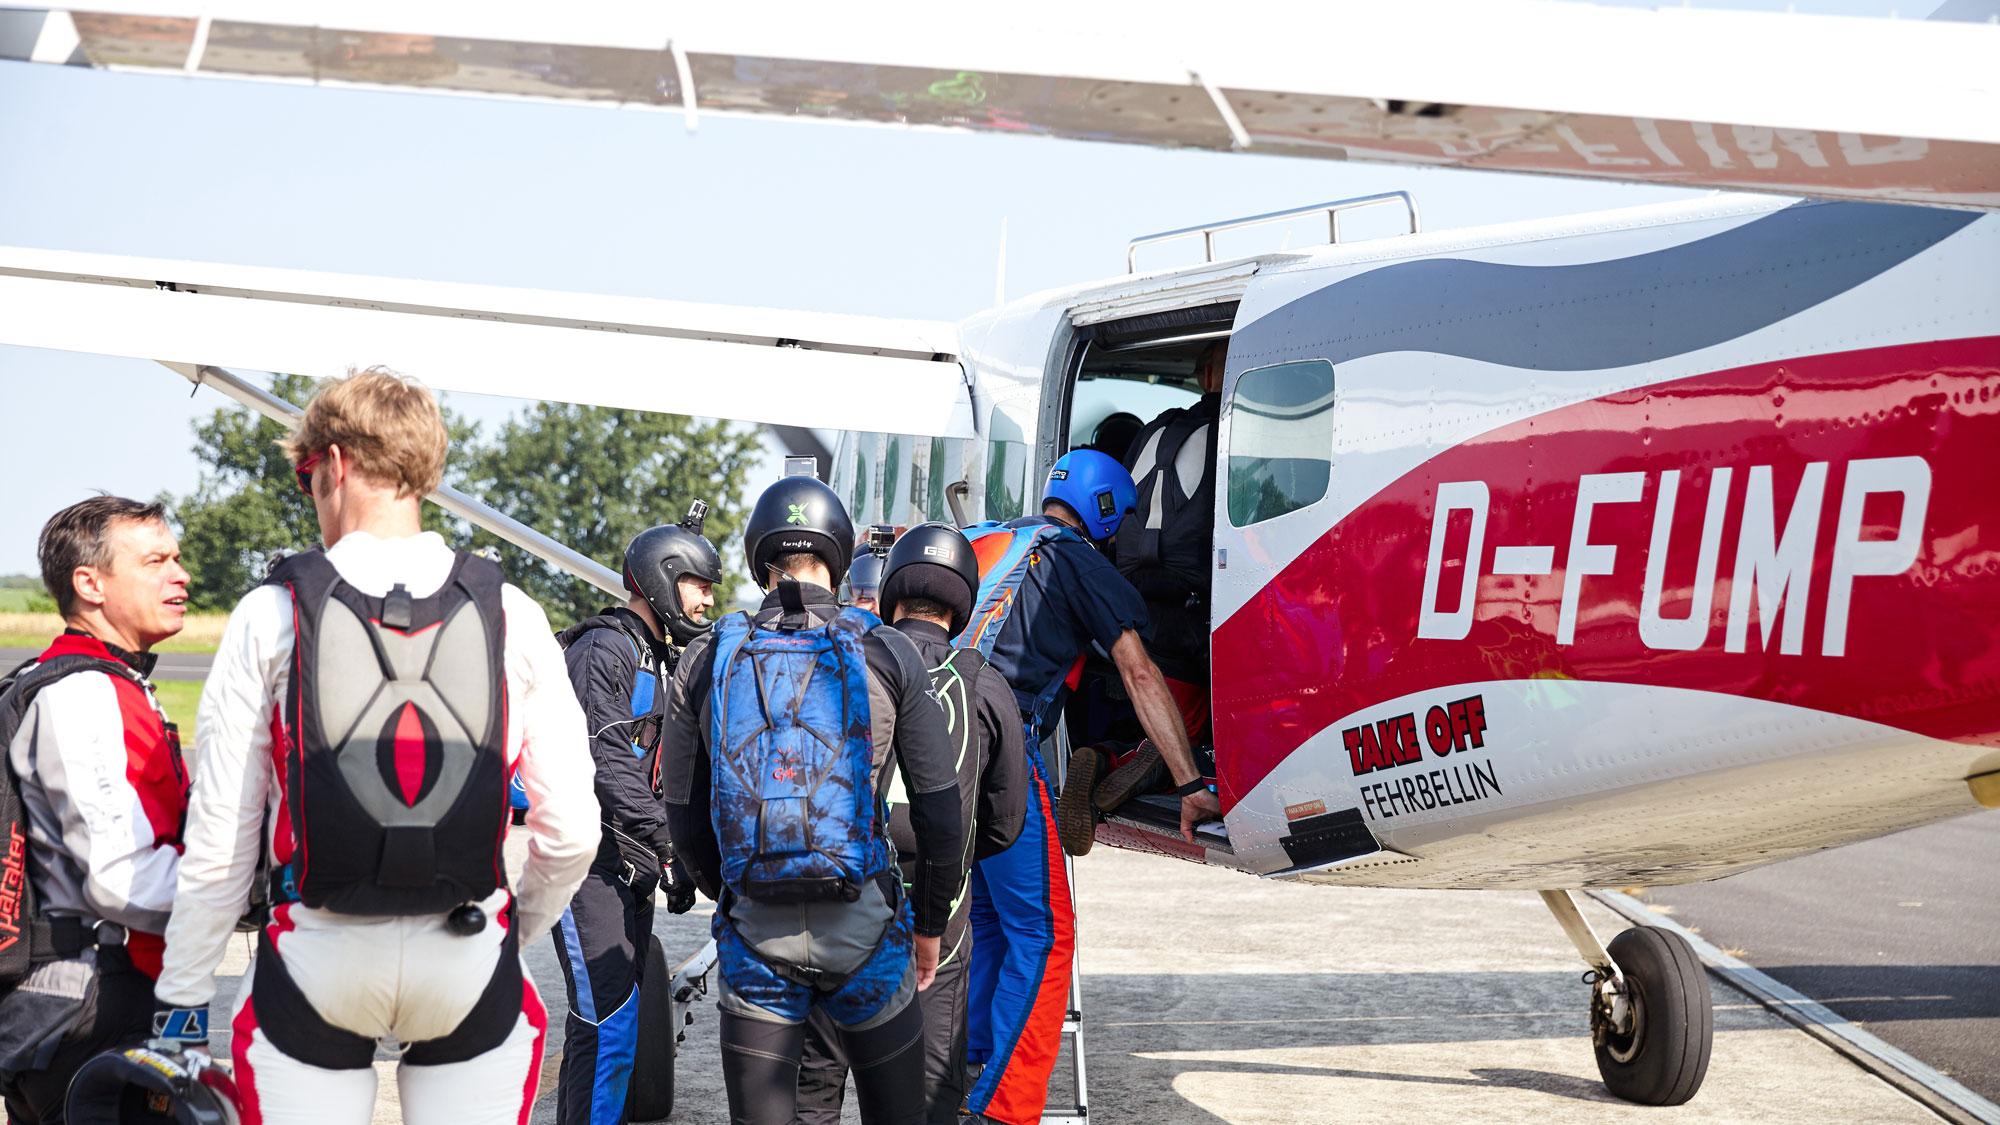 TAKE OFF - Fallschirmspringer steigen in die D-FUMP ein